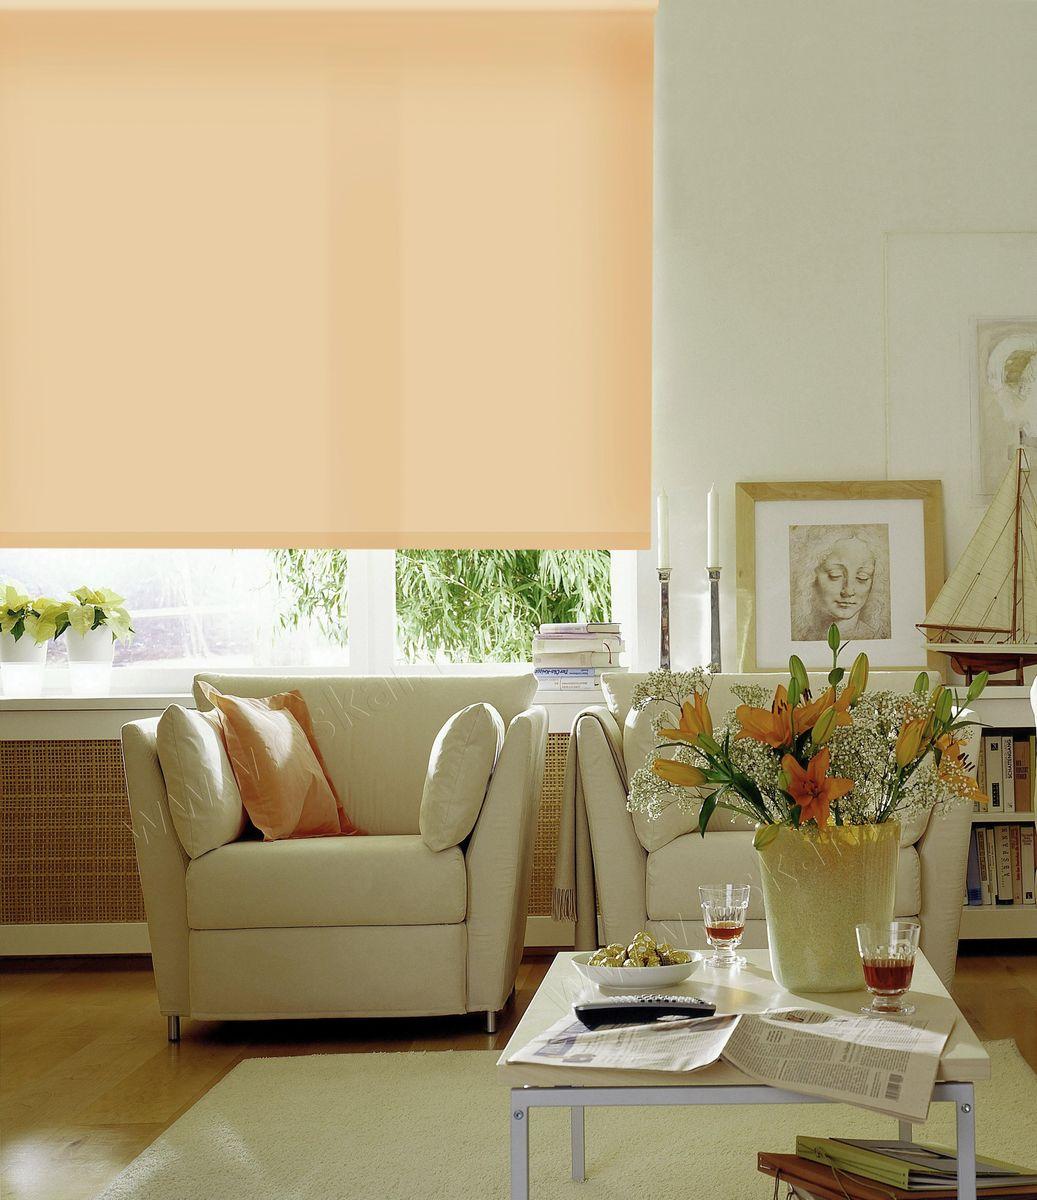 Штора рулонная Эскар, цвет: светло-абрикосовый, ширина 160 см, высота 170 см81112160170Рулонными шторами можно оформлять окна как самостоятельно, так и использовать в комбинации с портьерами. Это поможет предотвратить выгорание дорогой ткани на солнце и соединит функционал рулонных с красотой навесных. Преимущества применения рулонных штор для пластиковых окон: - имеют прекрасный внешний вид: многообразие и фактурность материала изделия отлично смотрятся в любом интерьере; - многофункциональны: есть возможность подобрать шторы способные эффективно защитить комнату от солнца, при этом о на не будет слишком темной. - Есть возможность осуществить быстрый монтаж. ВНИМАНИЕ! Размеры ширины изделия указаны по ширине ткани! Во время эксплуатации не рекомендуется полностью разматывать рулон, чтобы не оторвать ткань от намоточного вала. В случае загрязнения поверхности ткани, чистку шторы проводят одним из способов, в зависимости от типа загрязнения: легкое поверхностное загрязнение можно удалить при помощи...